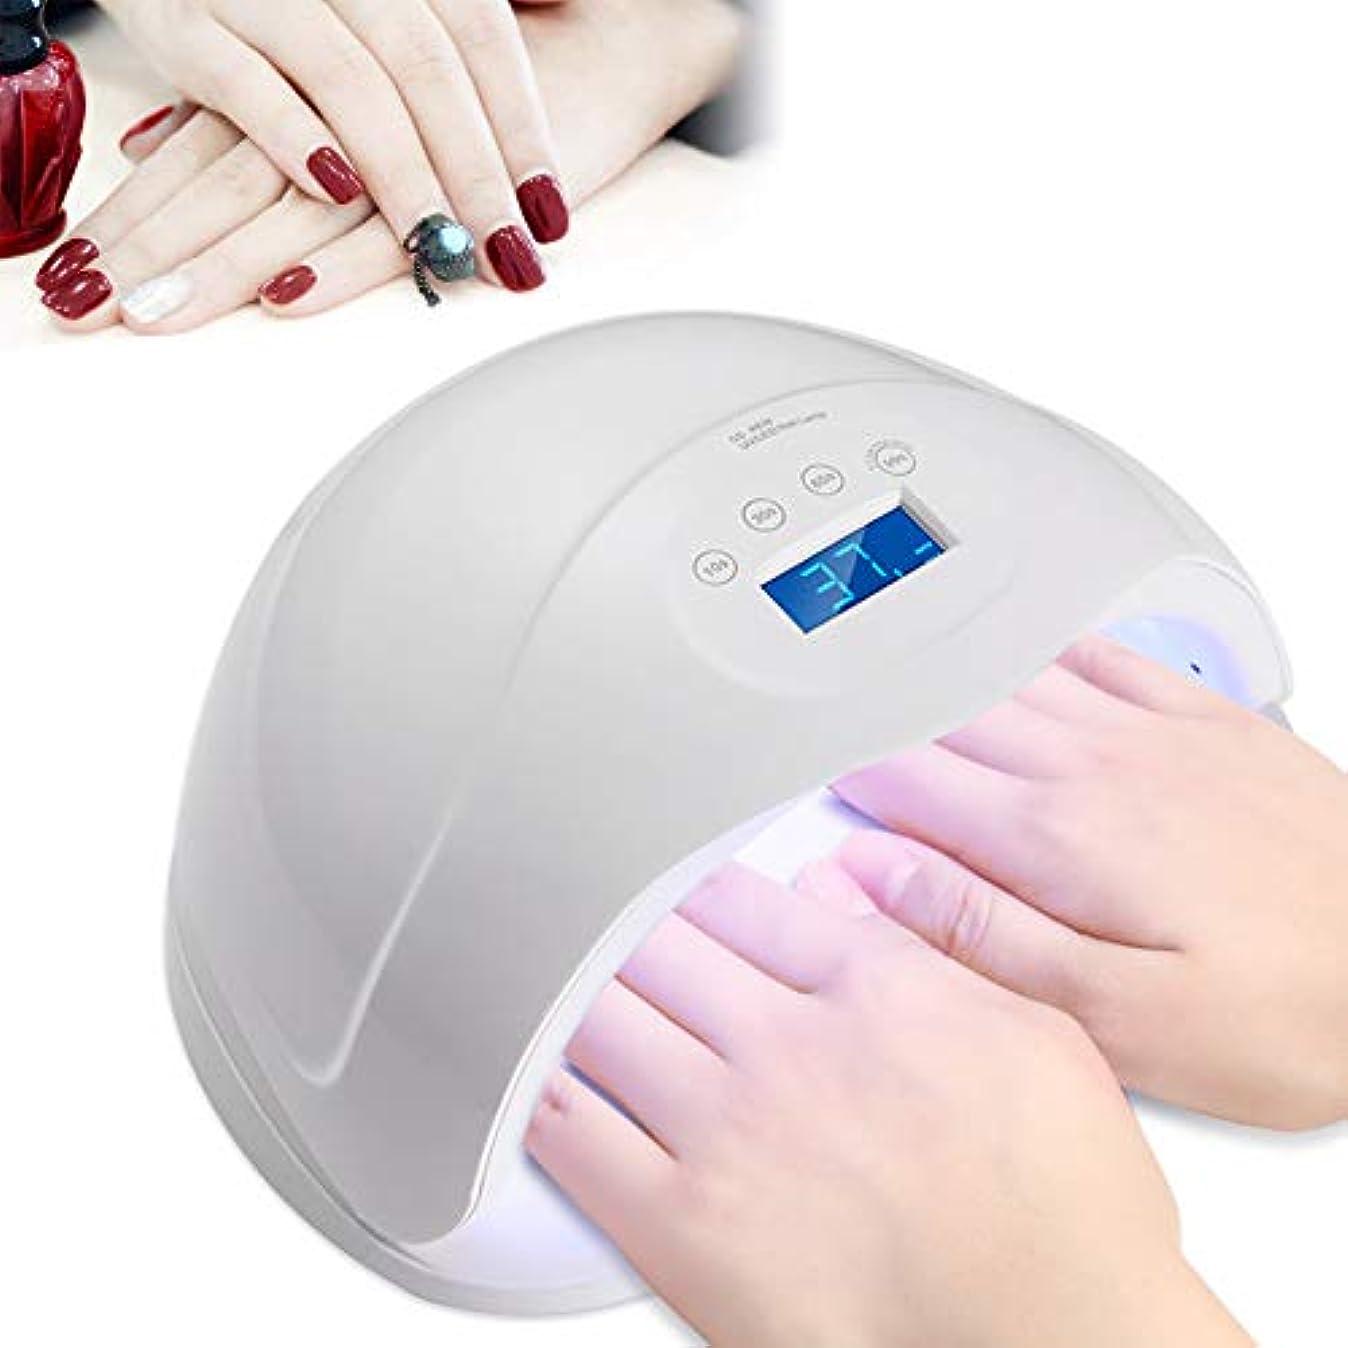 ネイルジェル用48W LED UVランプ、ネイルポリッシュジェルネイルポリッシュドライヤー光硬化ランプ、インテリジェント自動センサー、サロン品質プロフェッショナルジェルランプ、4タイマー10/30/6